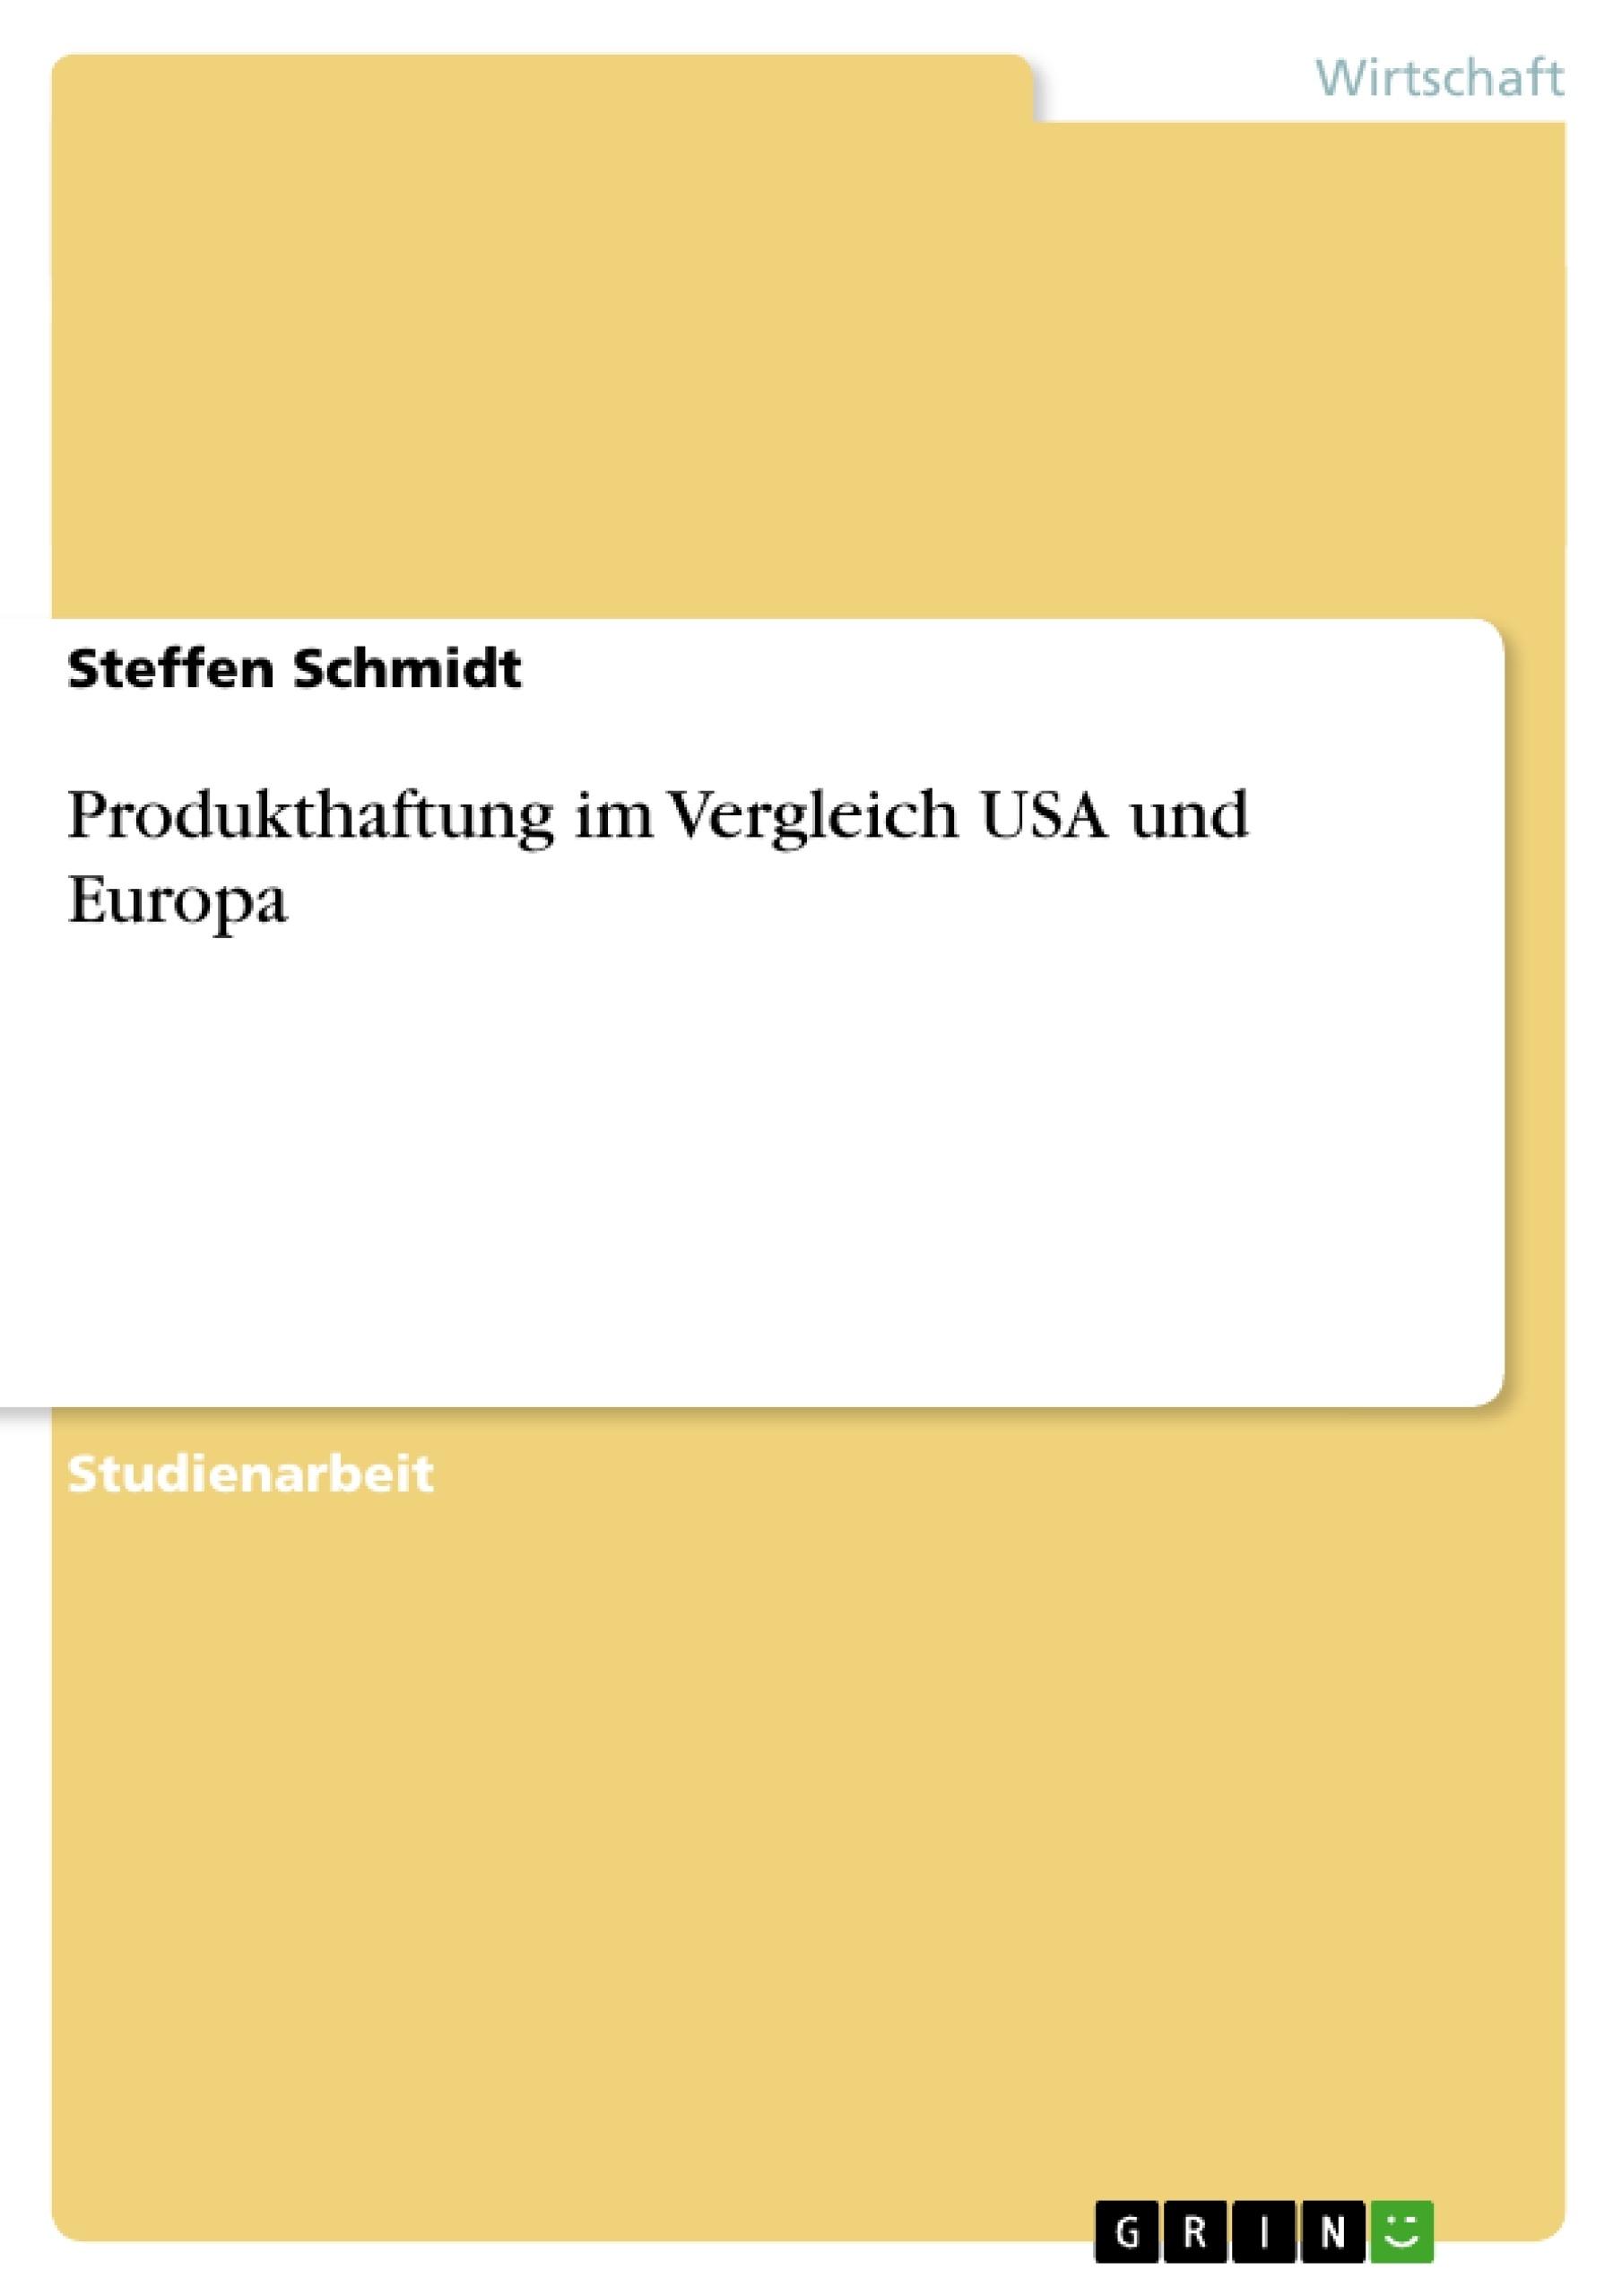 Titel: Produkthaftung im Vergleich USA und Europa